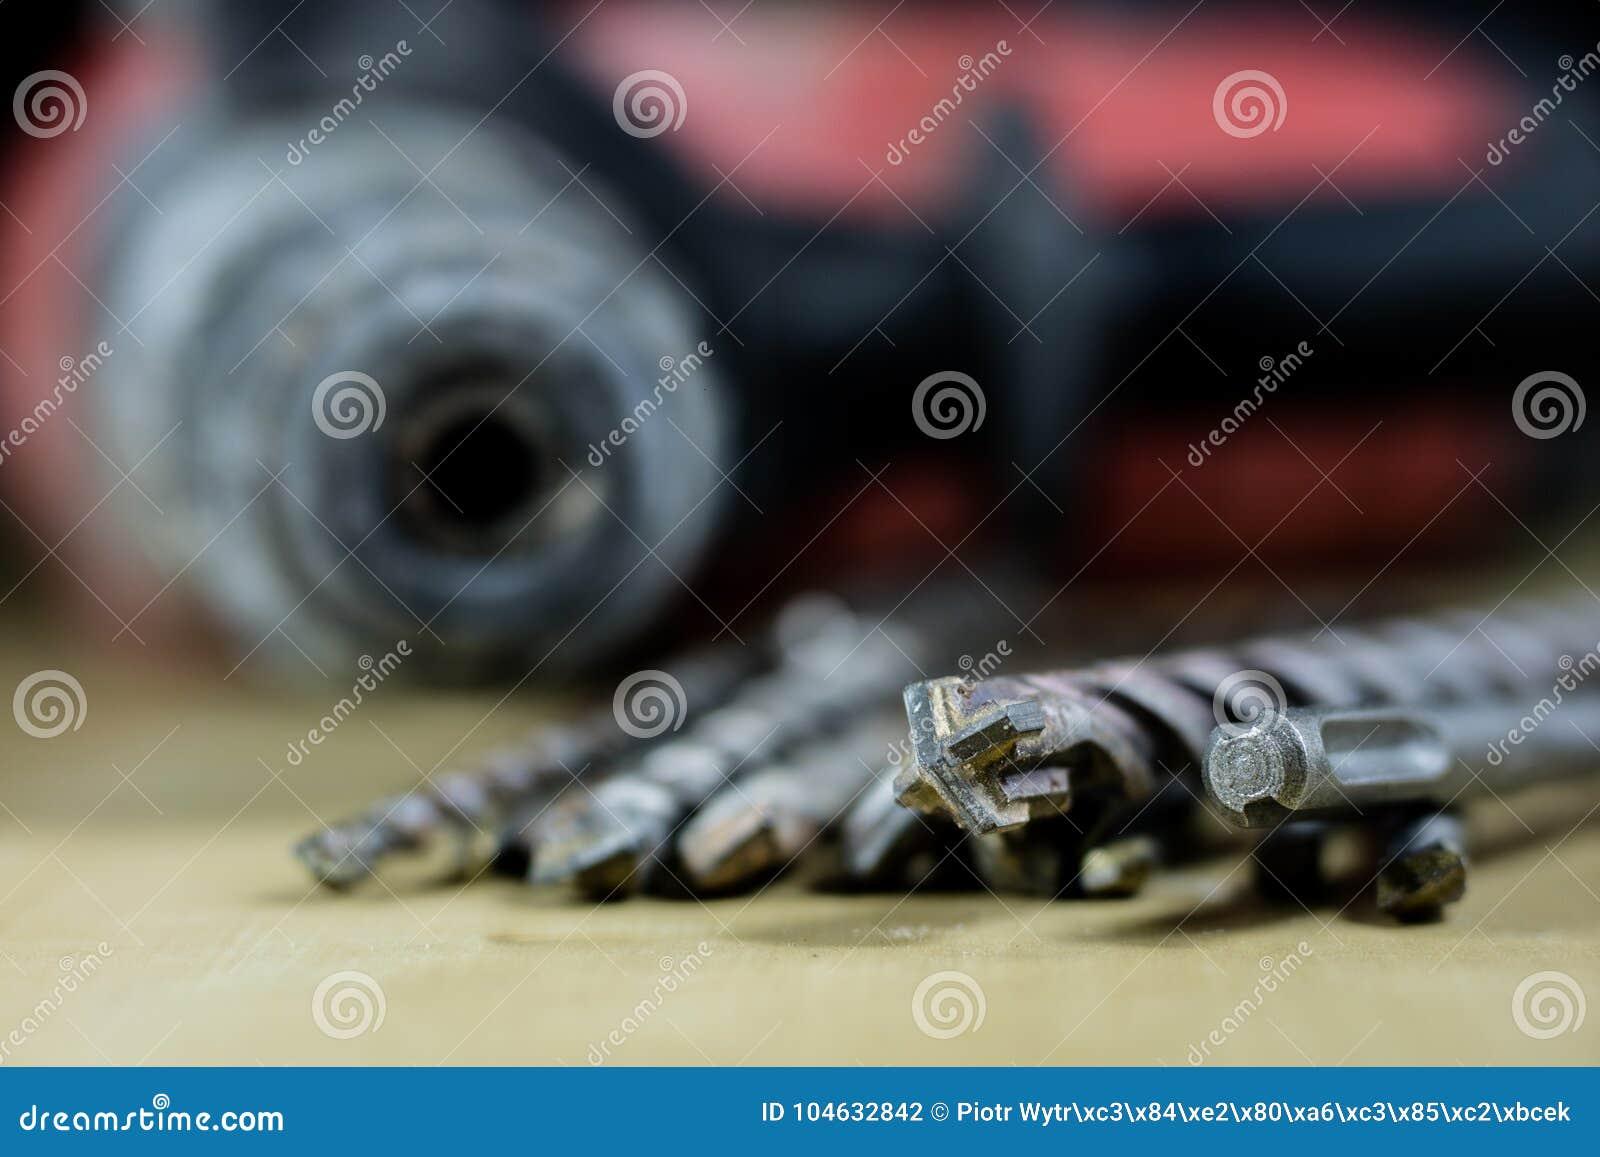 Download De Eenvoudige Opener Van De Metaalplaat Op Countertop In Het Restaurant Een Zilveren En Glanzende Flesopener Stock Foto - Afbeelding bestaande uit reeks, close: 104632842